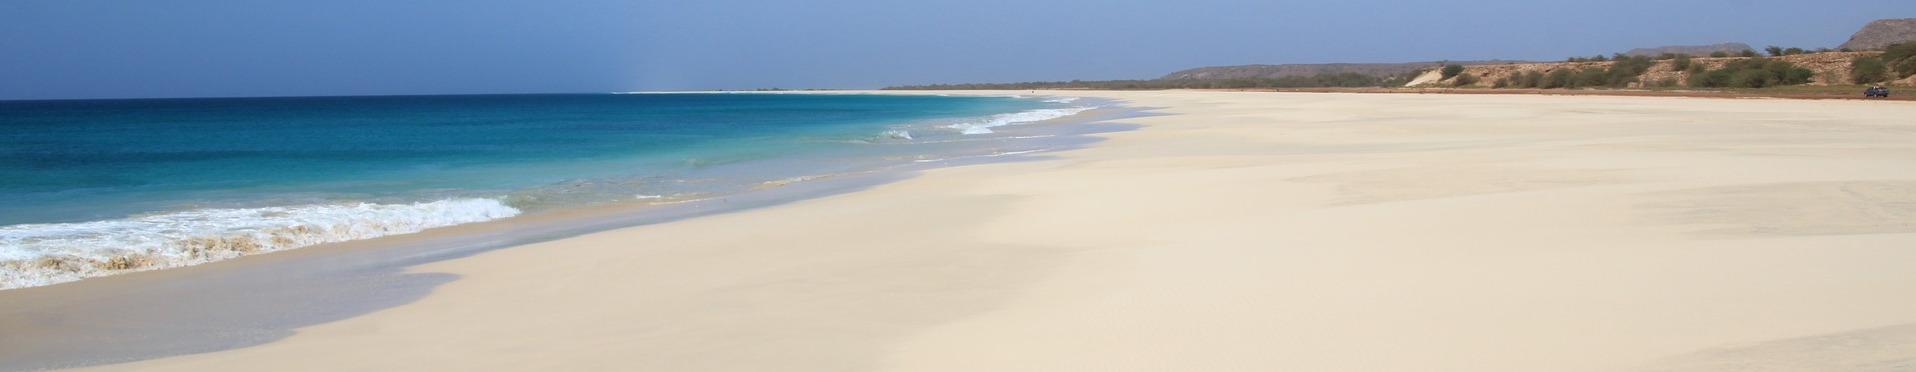 Viajes Combinados De Varias Islas En Cabo Verde